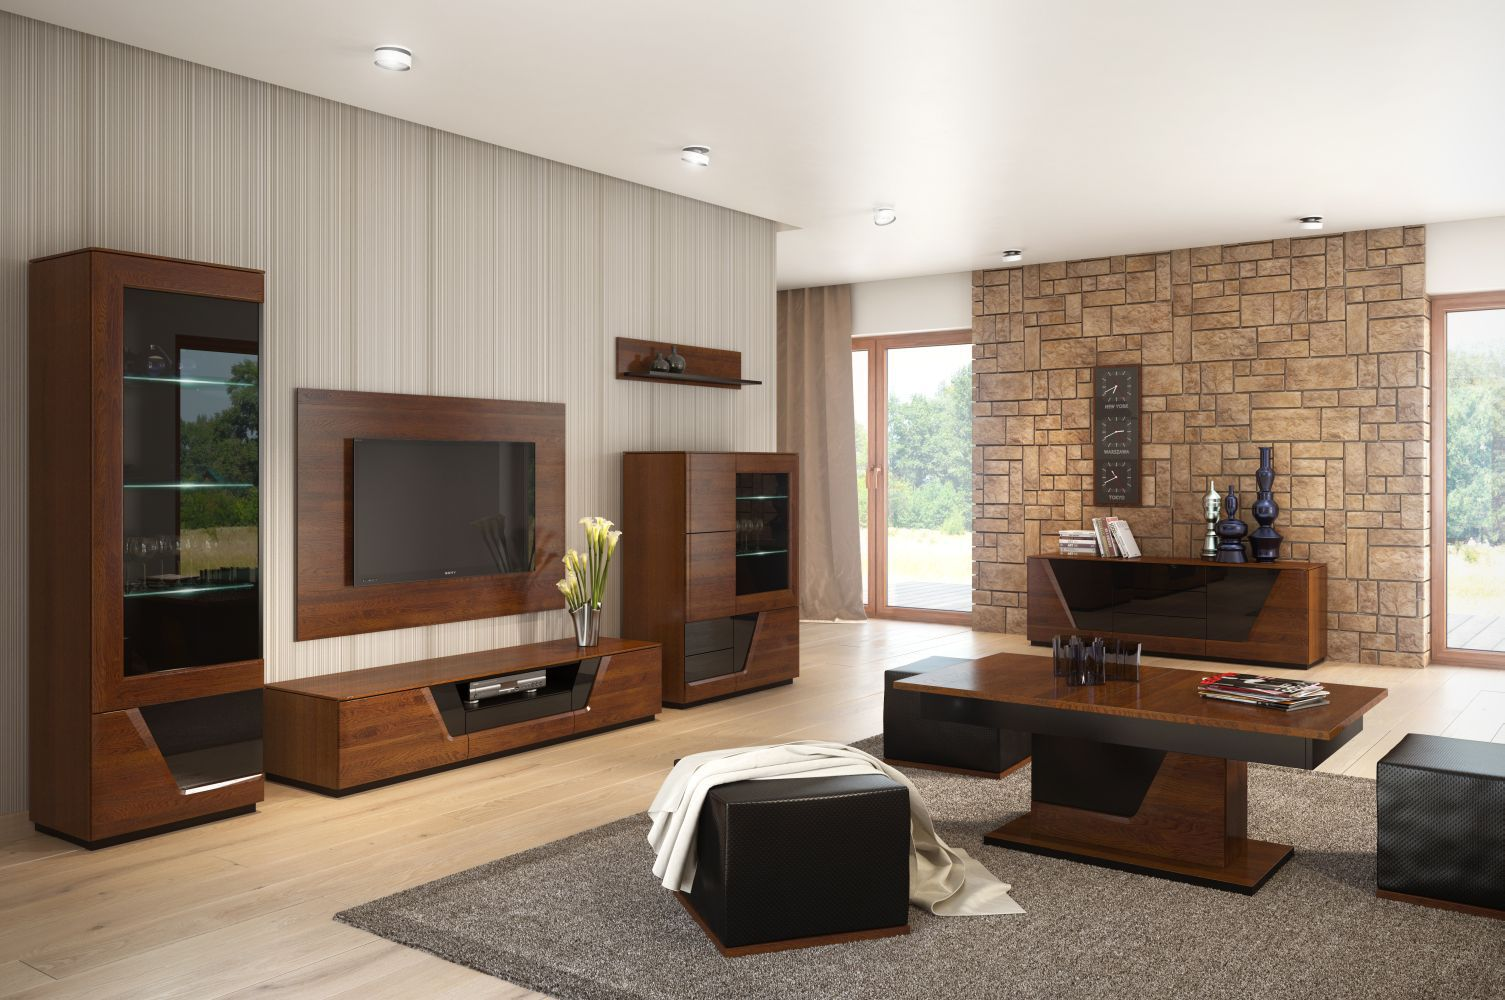 Wohnzimmer Komplett - Set B Medulin, 10-teilig, teilmassiv, Farbe: Walnuss / Schwarz